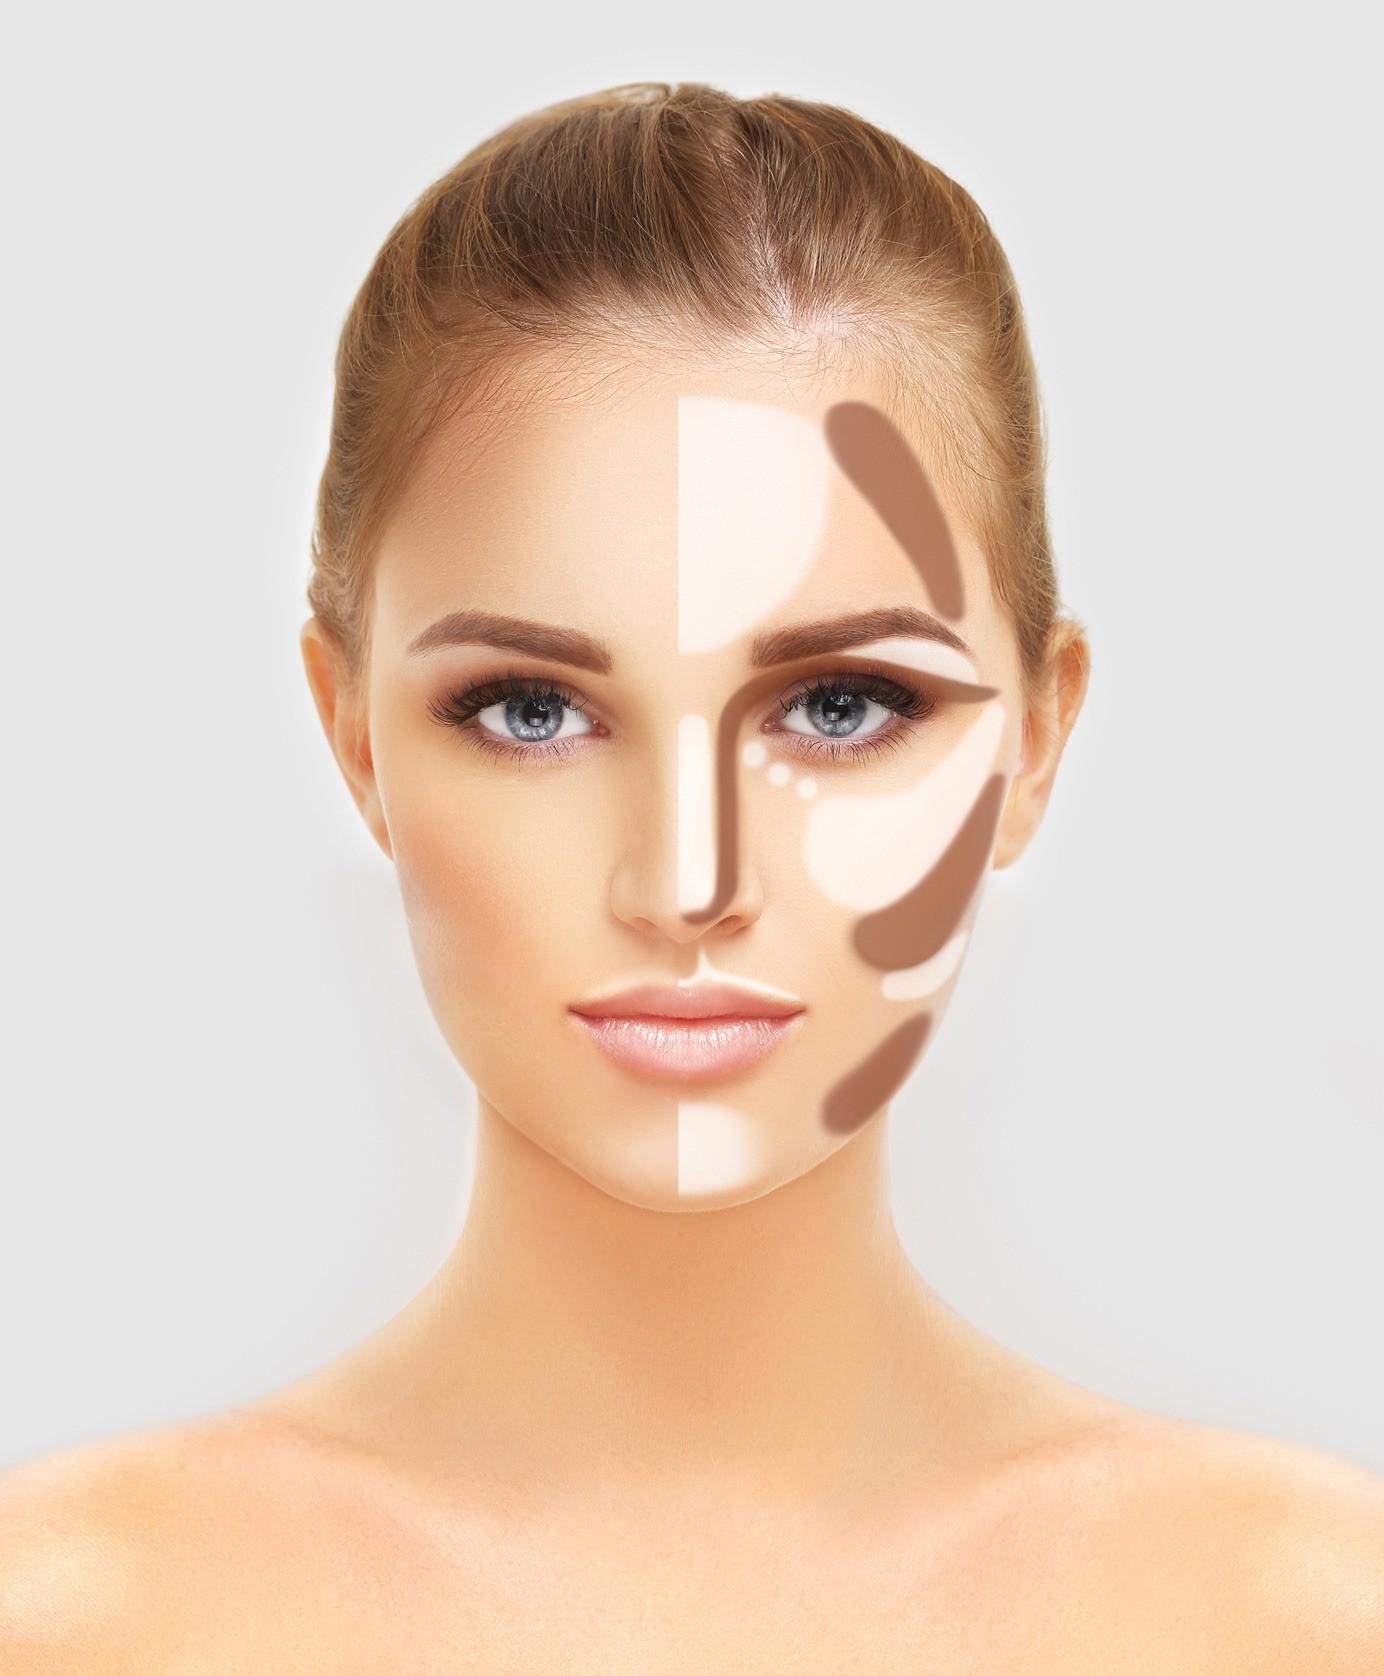 Коррекция недостатков лица с помощью макияжа: 4 базовых правила